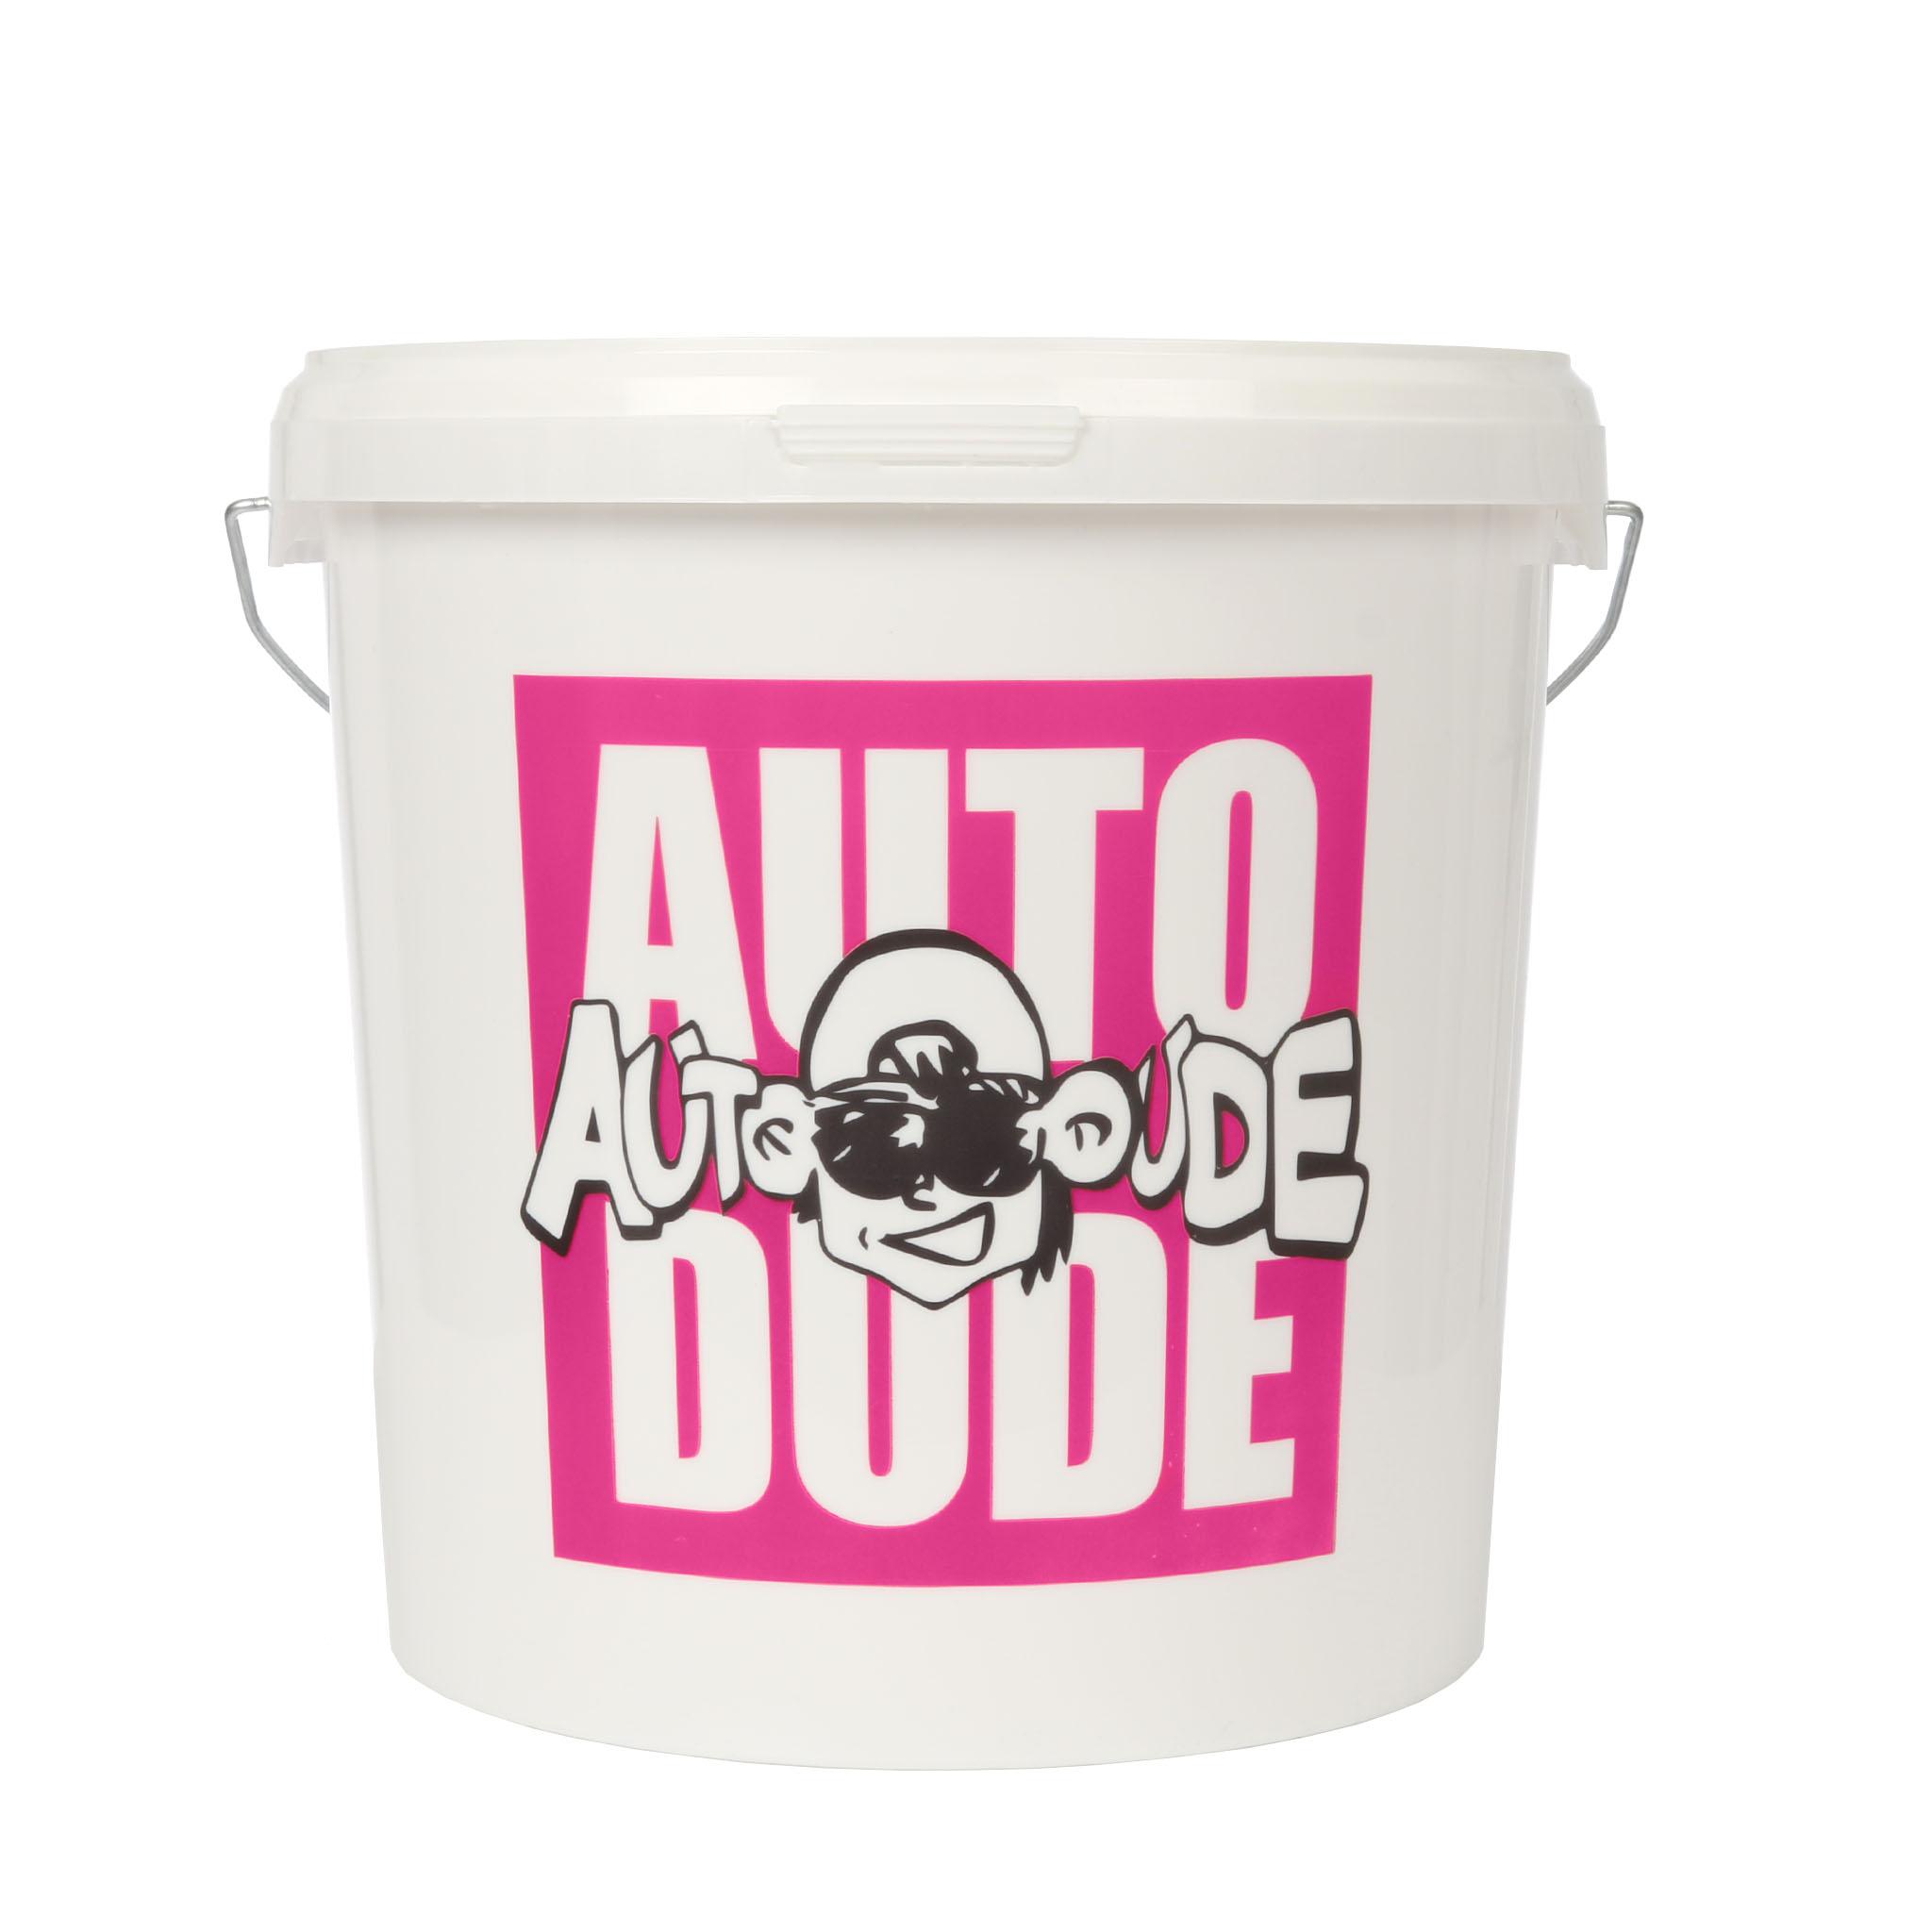 Tvätthink AUTODUDE 10,8 liter